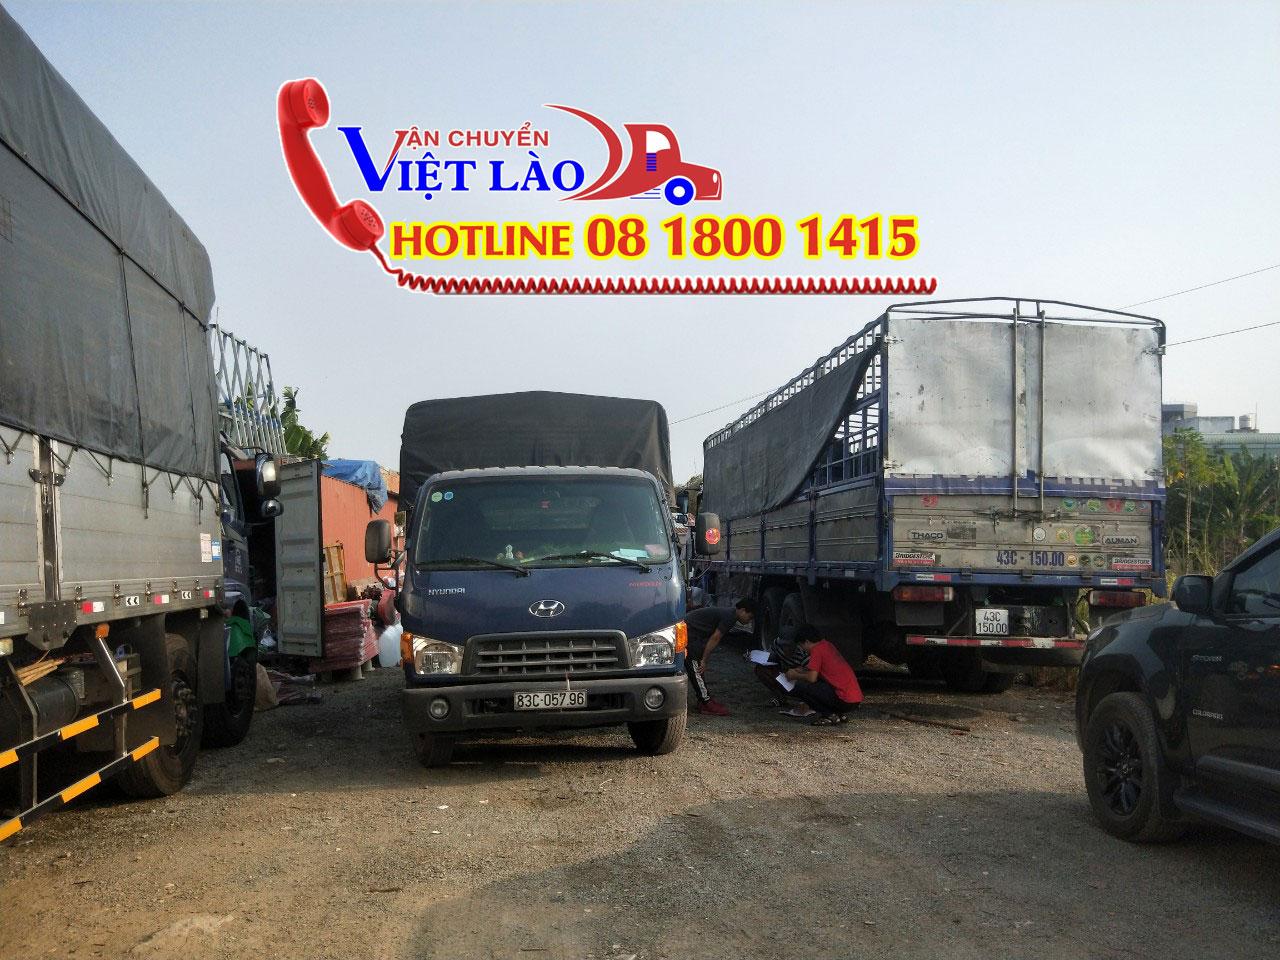 Kho bãi chuyển hàng đi Lào